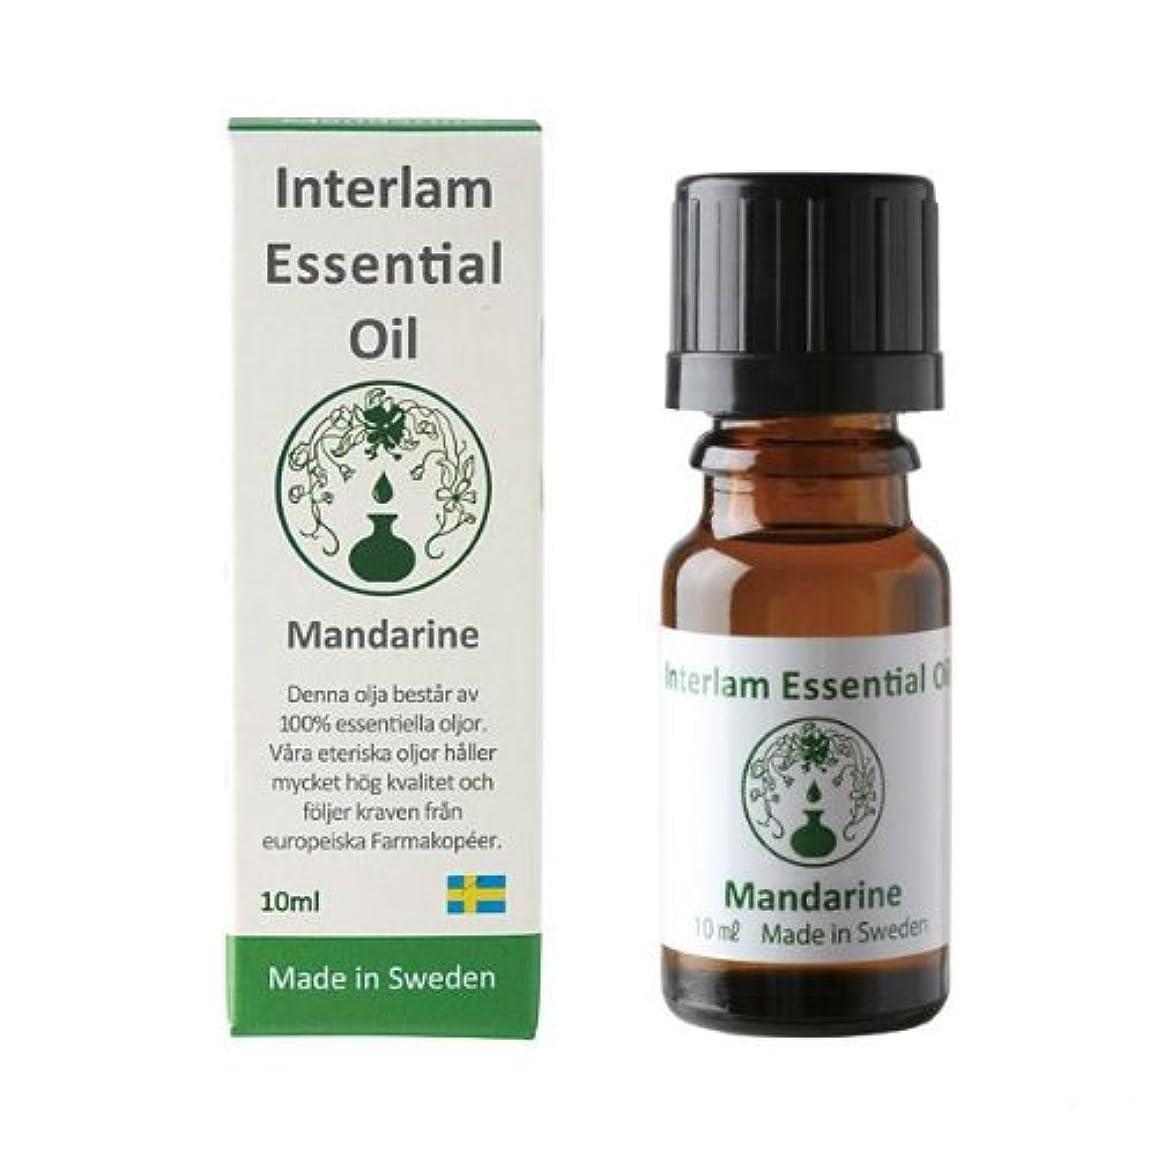 コーンウォールのため発表するInterlam Essential Oil マンダリン 10ml